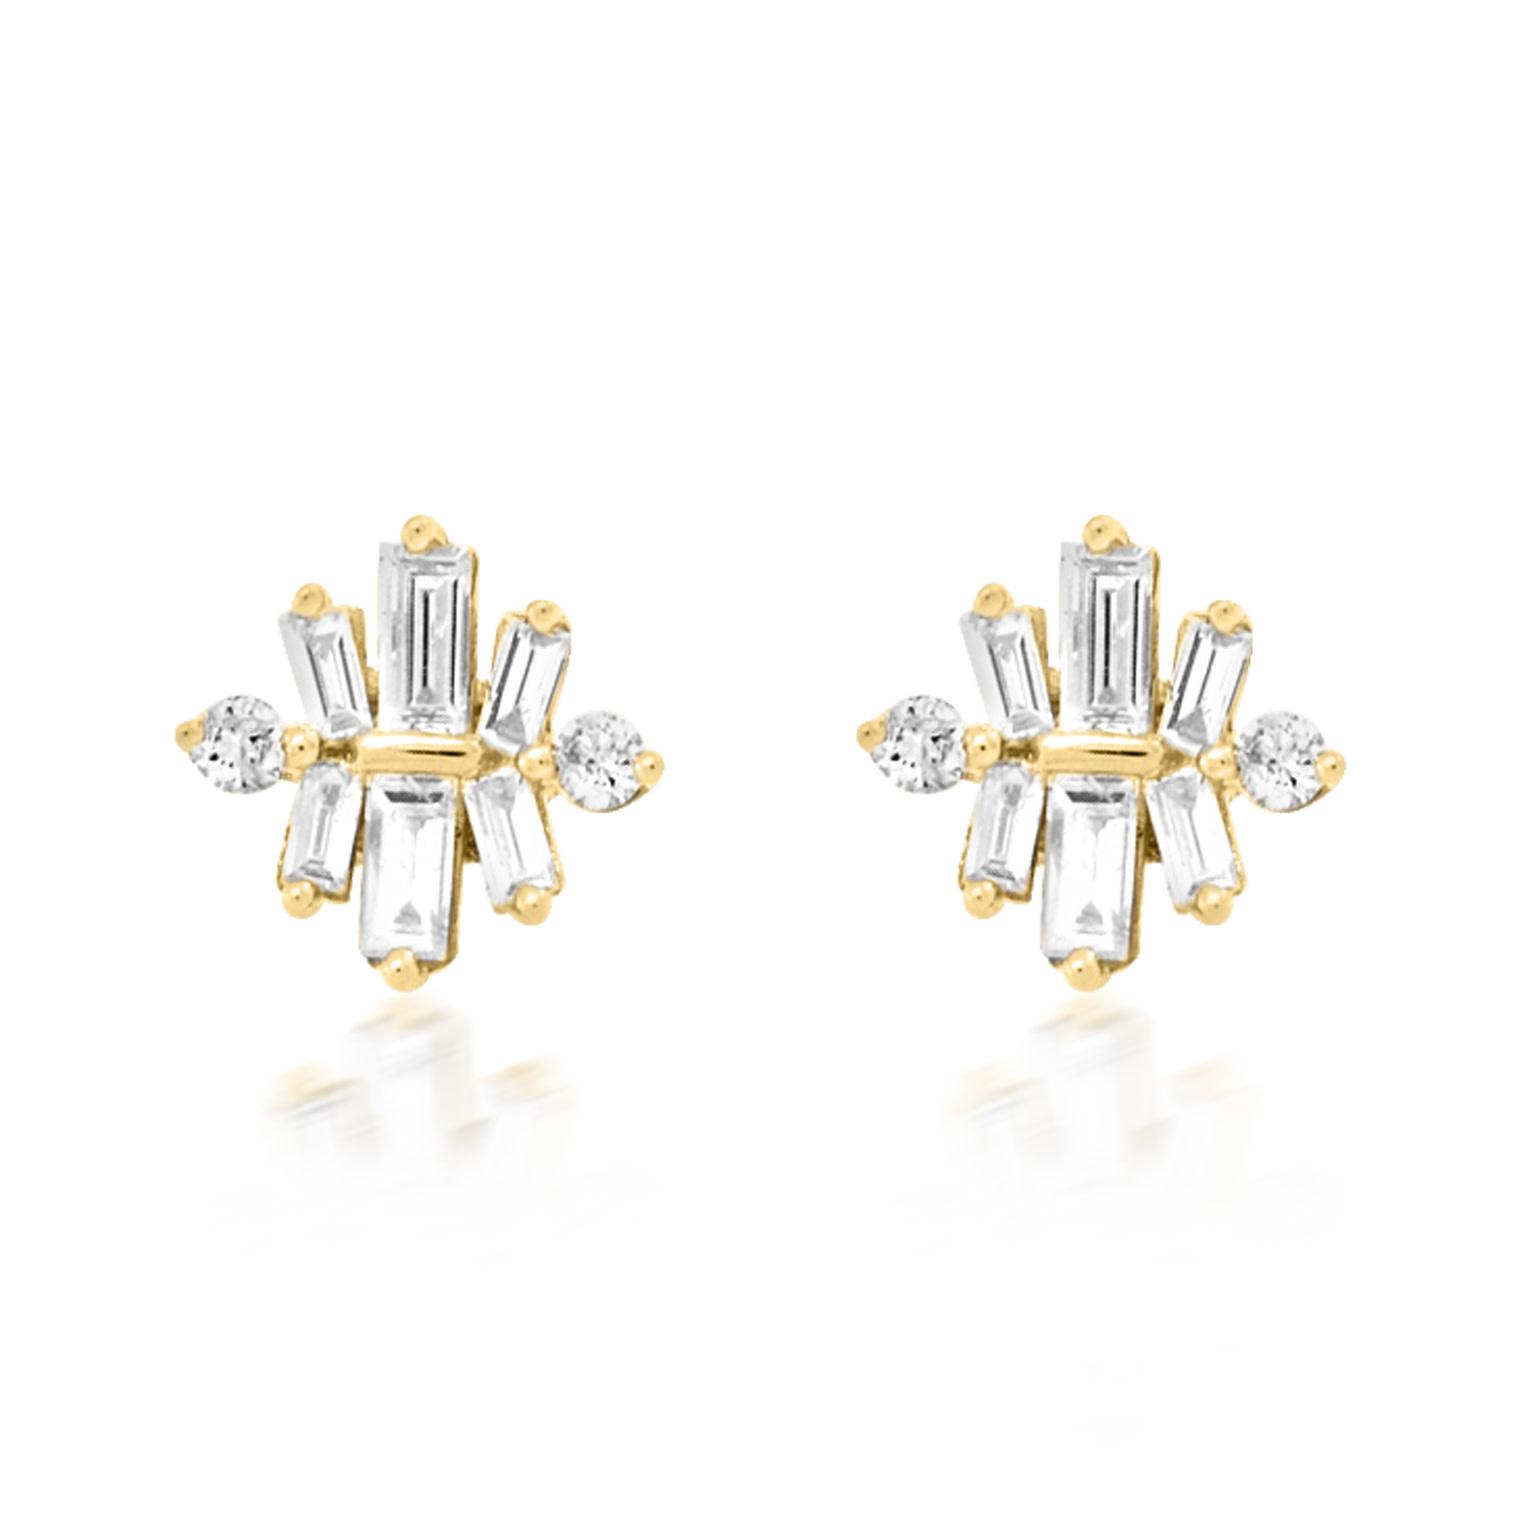 Trabert Goldsmiths Star Ray Baguette Diamond Stud Earrings